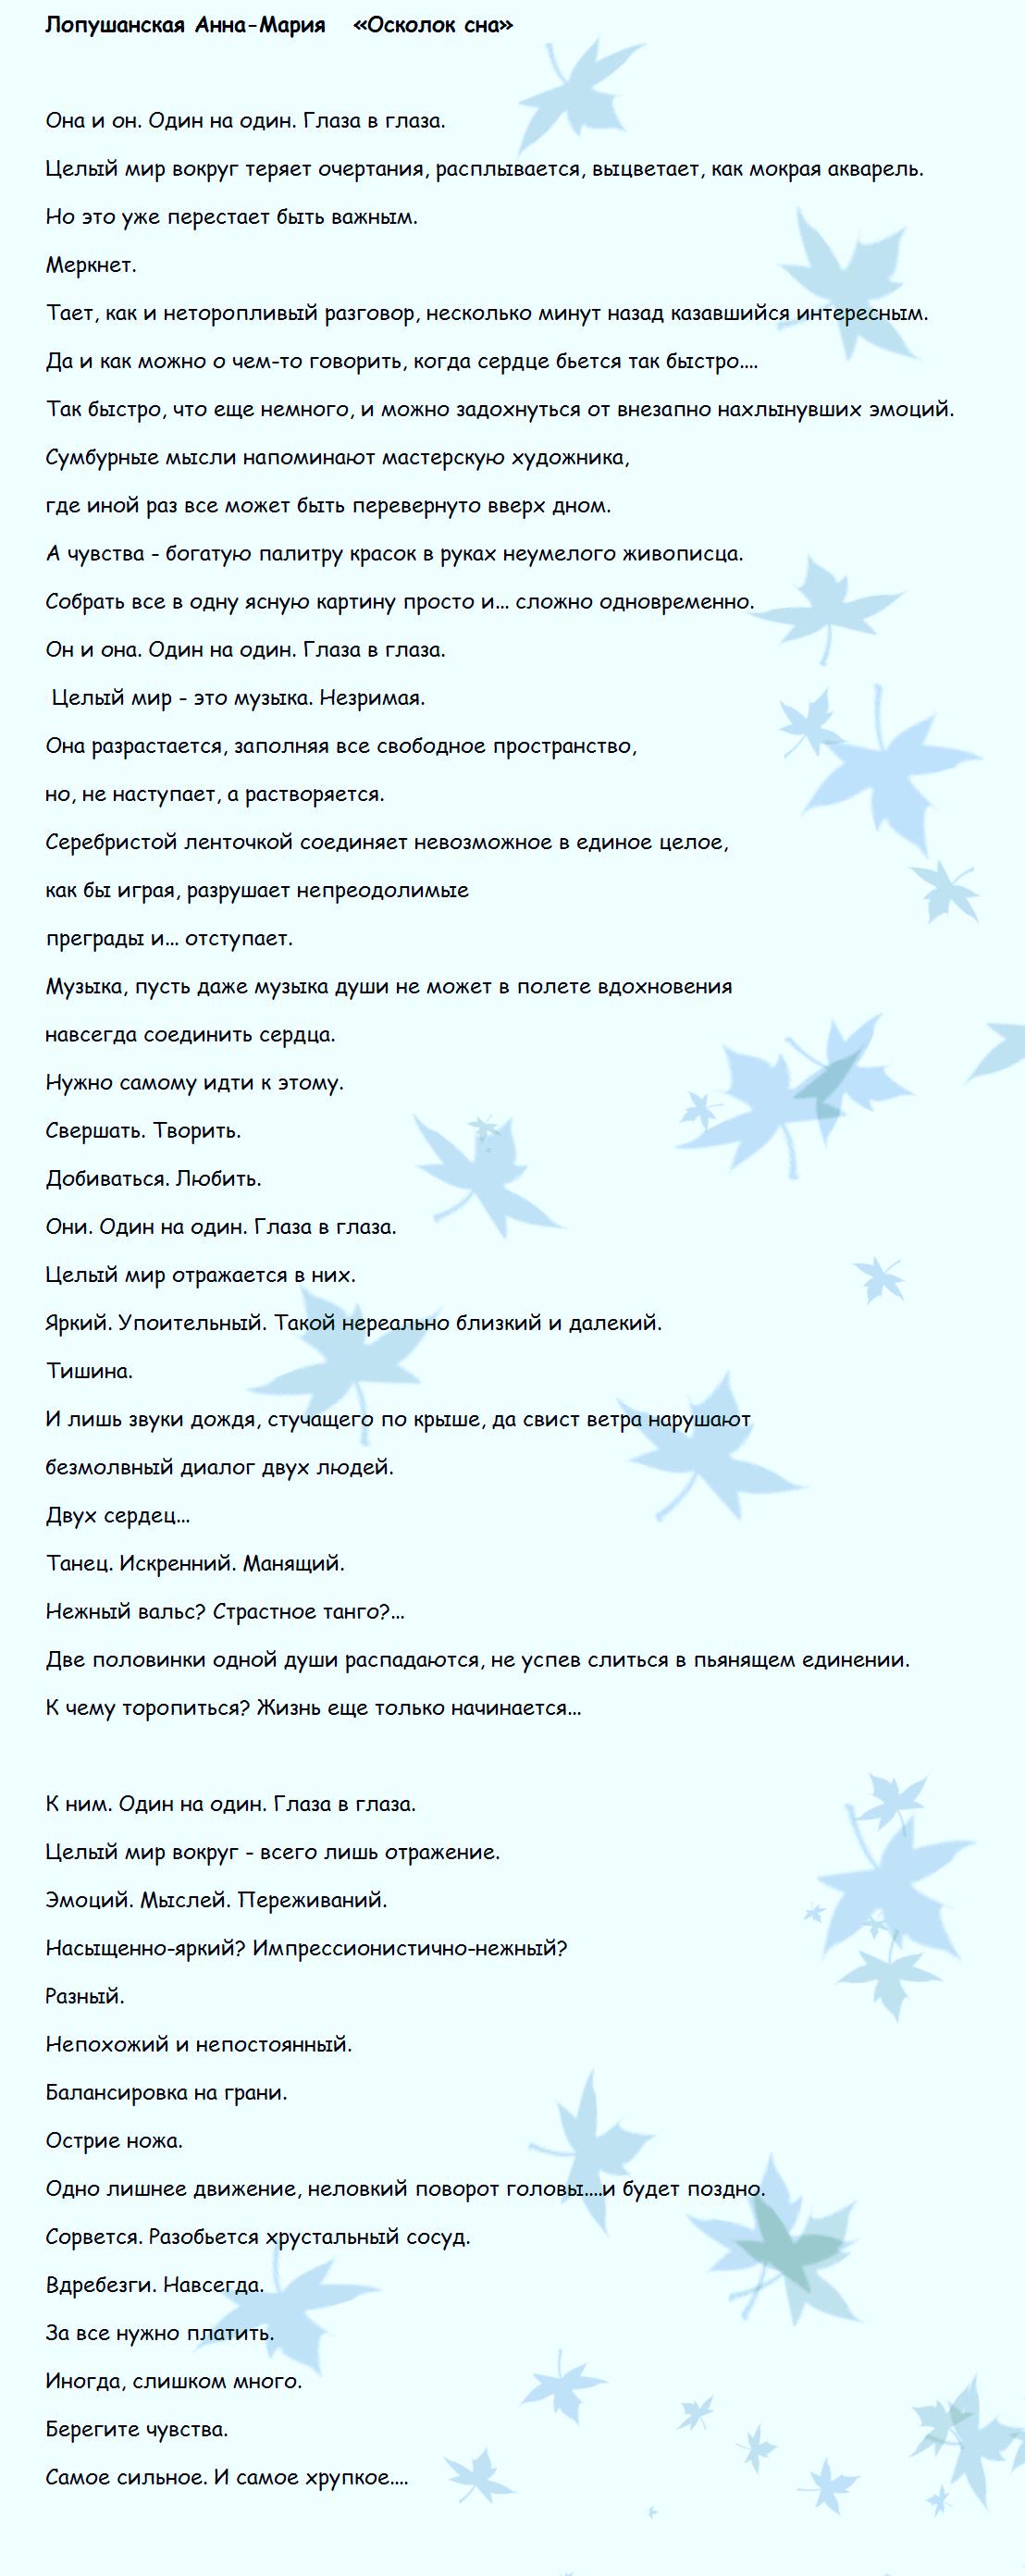 oskolok-sna01